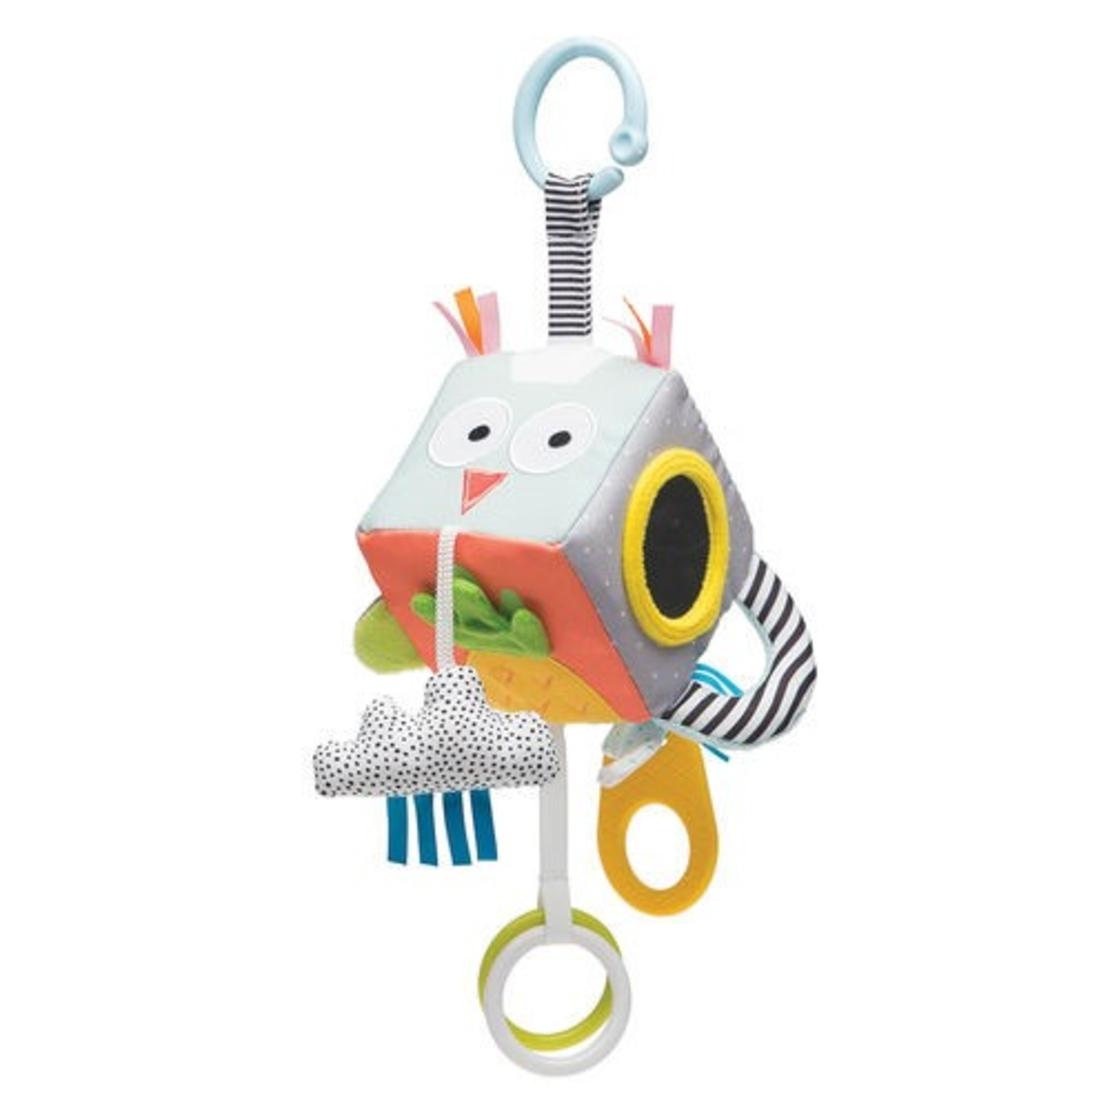 42# - מ-ה-מ-ם לבת : חבילת לידה מושלמת לתינוק החדש בקופסת בד: ספירלה לסל קל, קוביית סקרנות, ספר בד דו-צדדי,  כירבולית טטרה, נעלי בית, שלישיית חיתולים צבעוניים